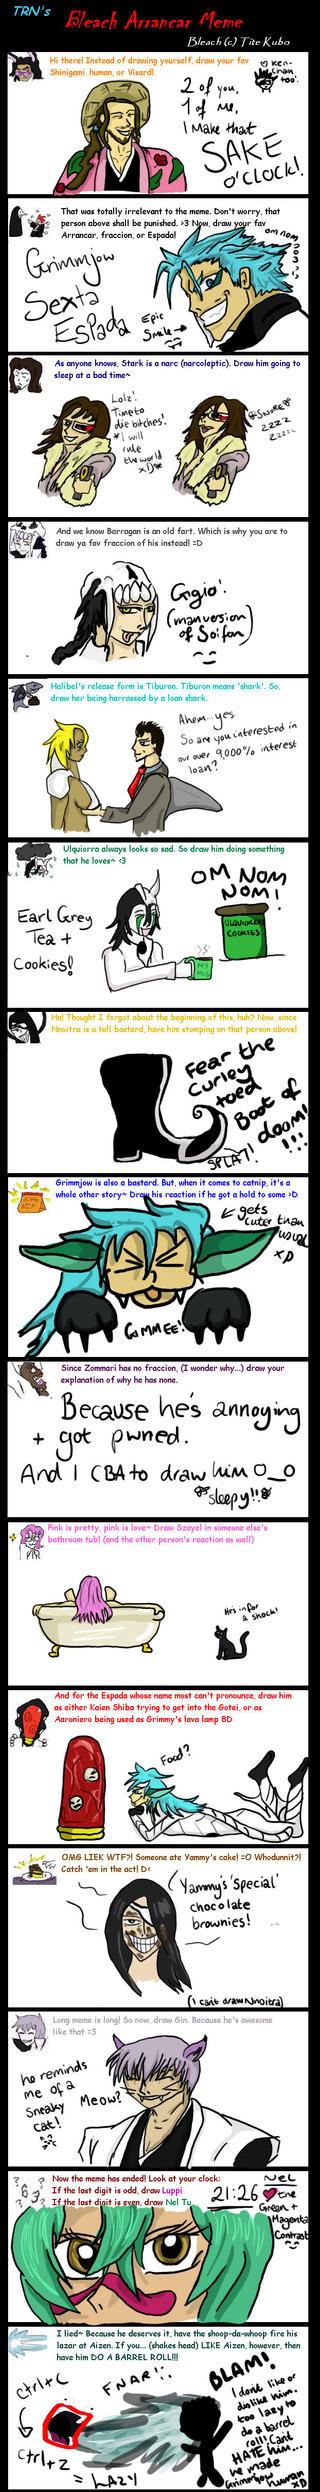 Bleach Arrancar Meme by Tartan-Faerie